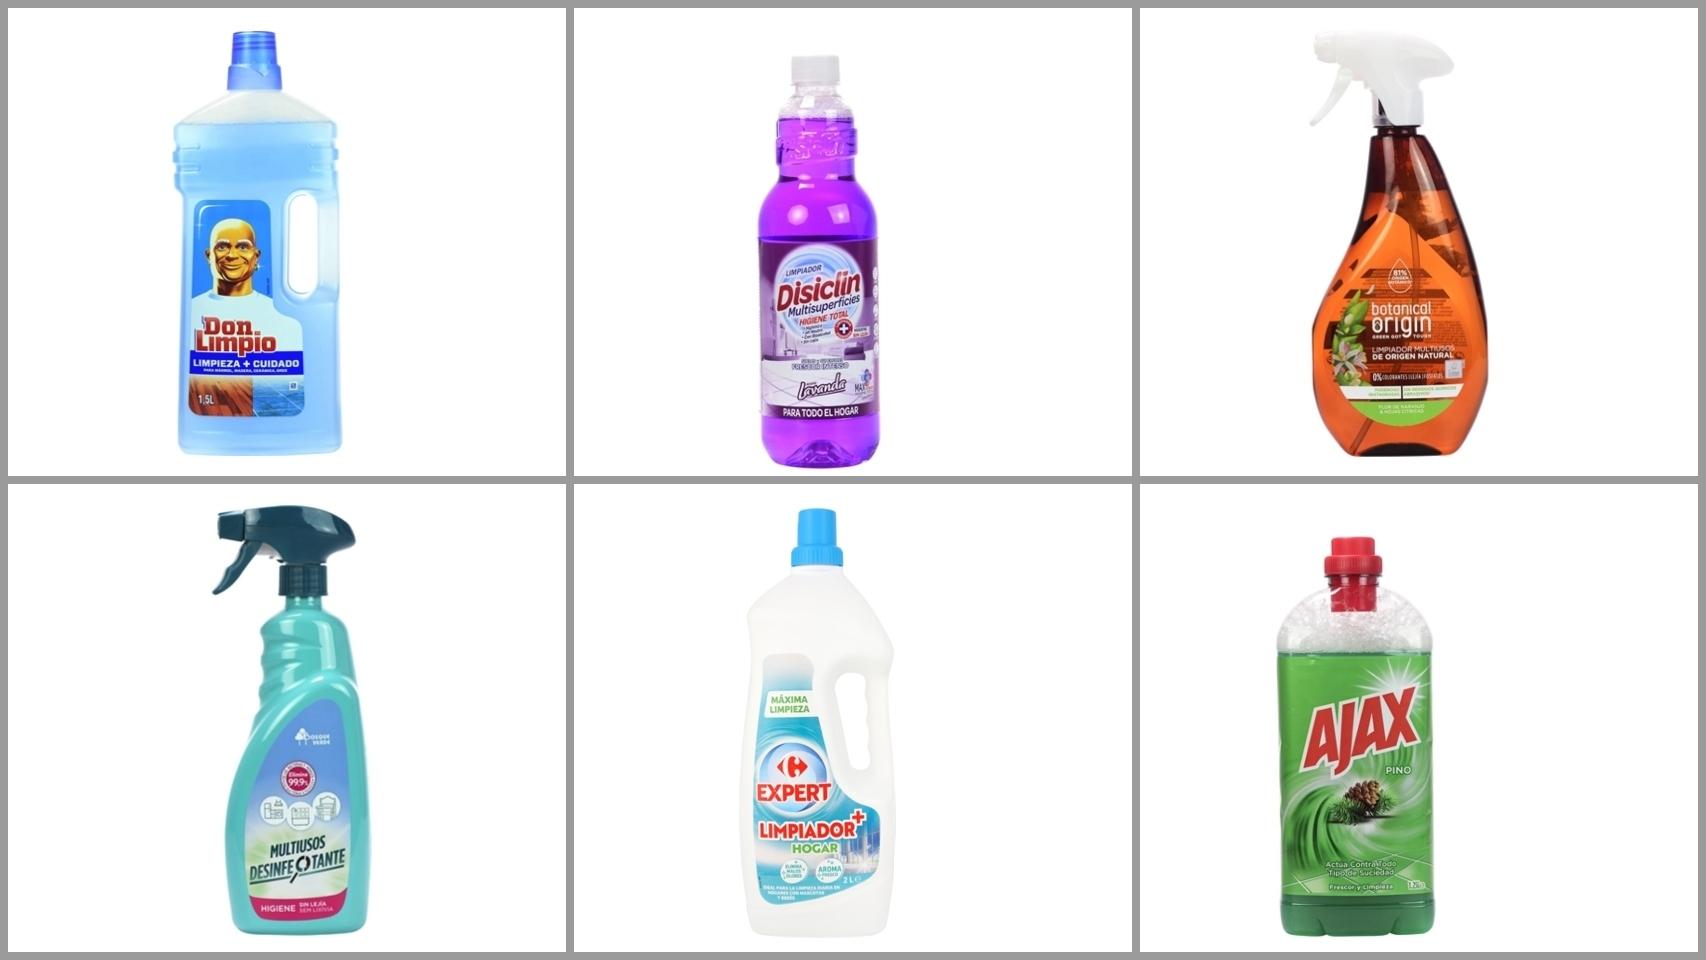 La nueva lista de los 12 mejores detergente limpiahogar según la OCU: los hay por 1,34 euros